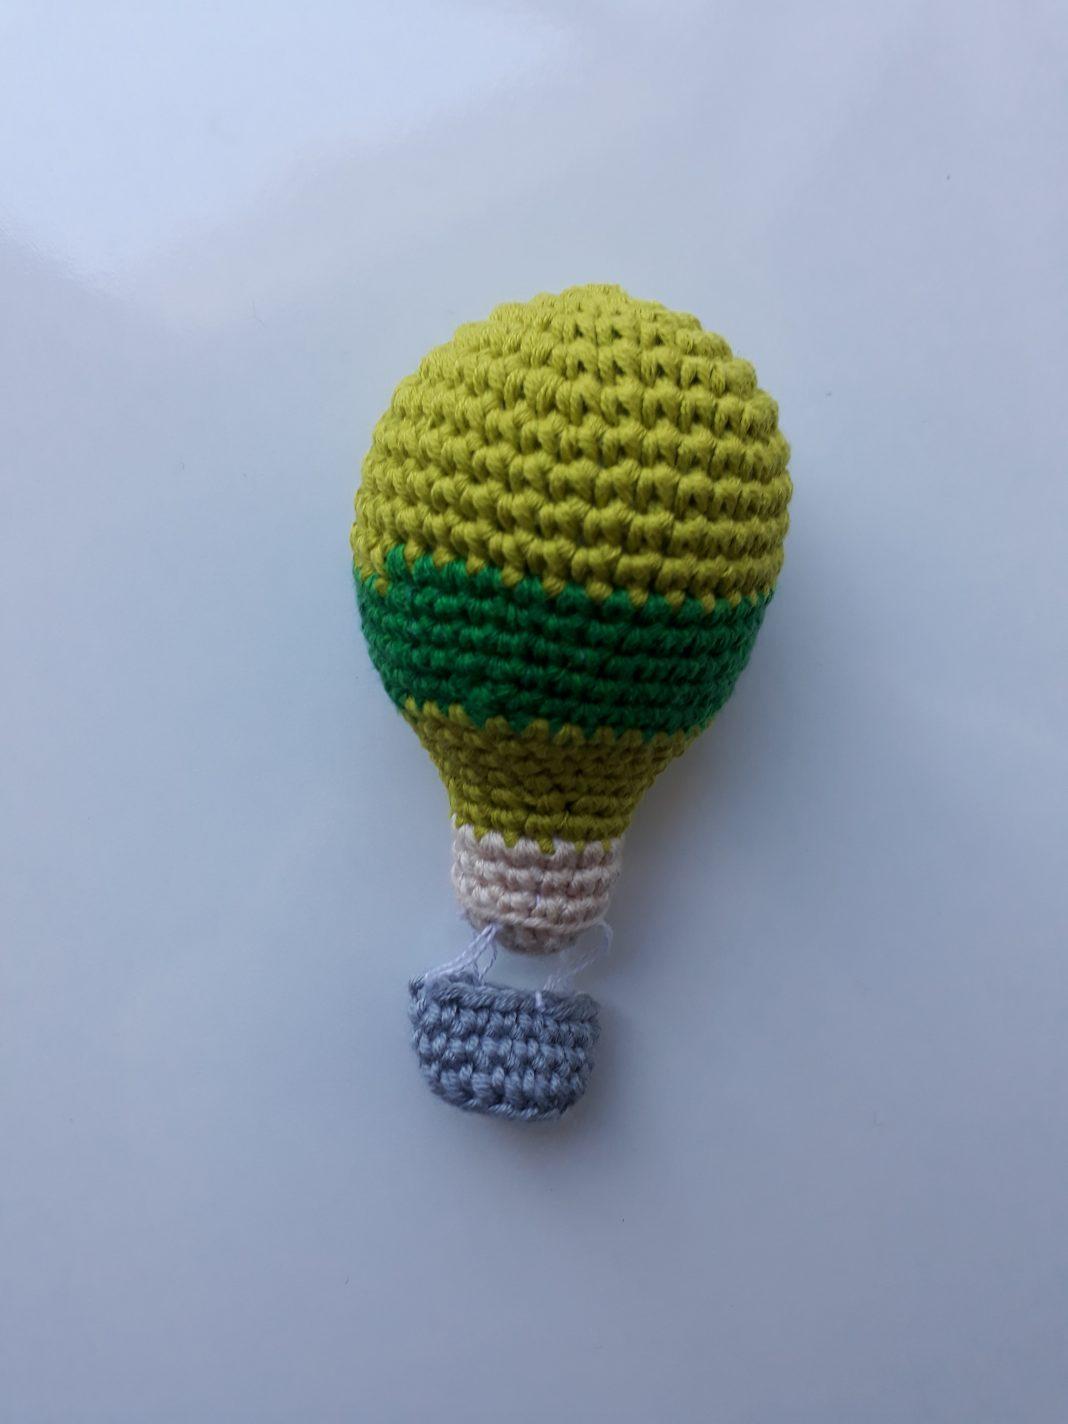 amigurumi-sicak-hava-balonu-yapimi